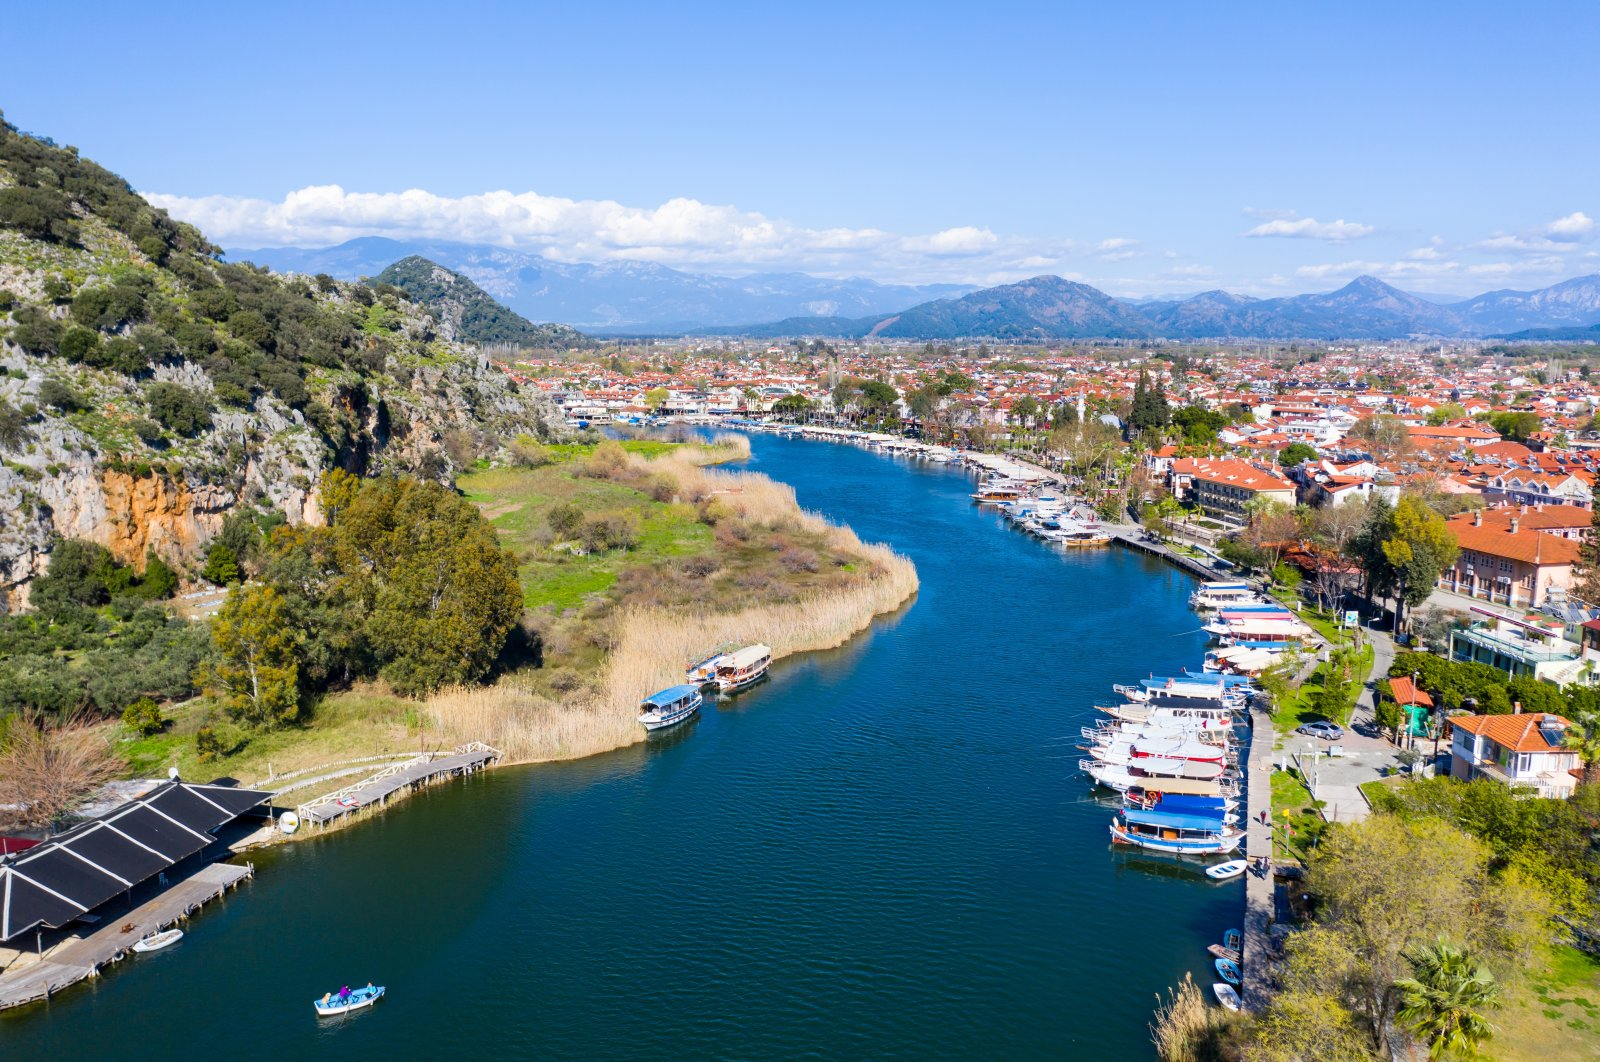 Dalyan is a popular tourist destination in Turkey. (Shutterstock Photo)